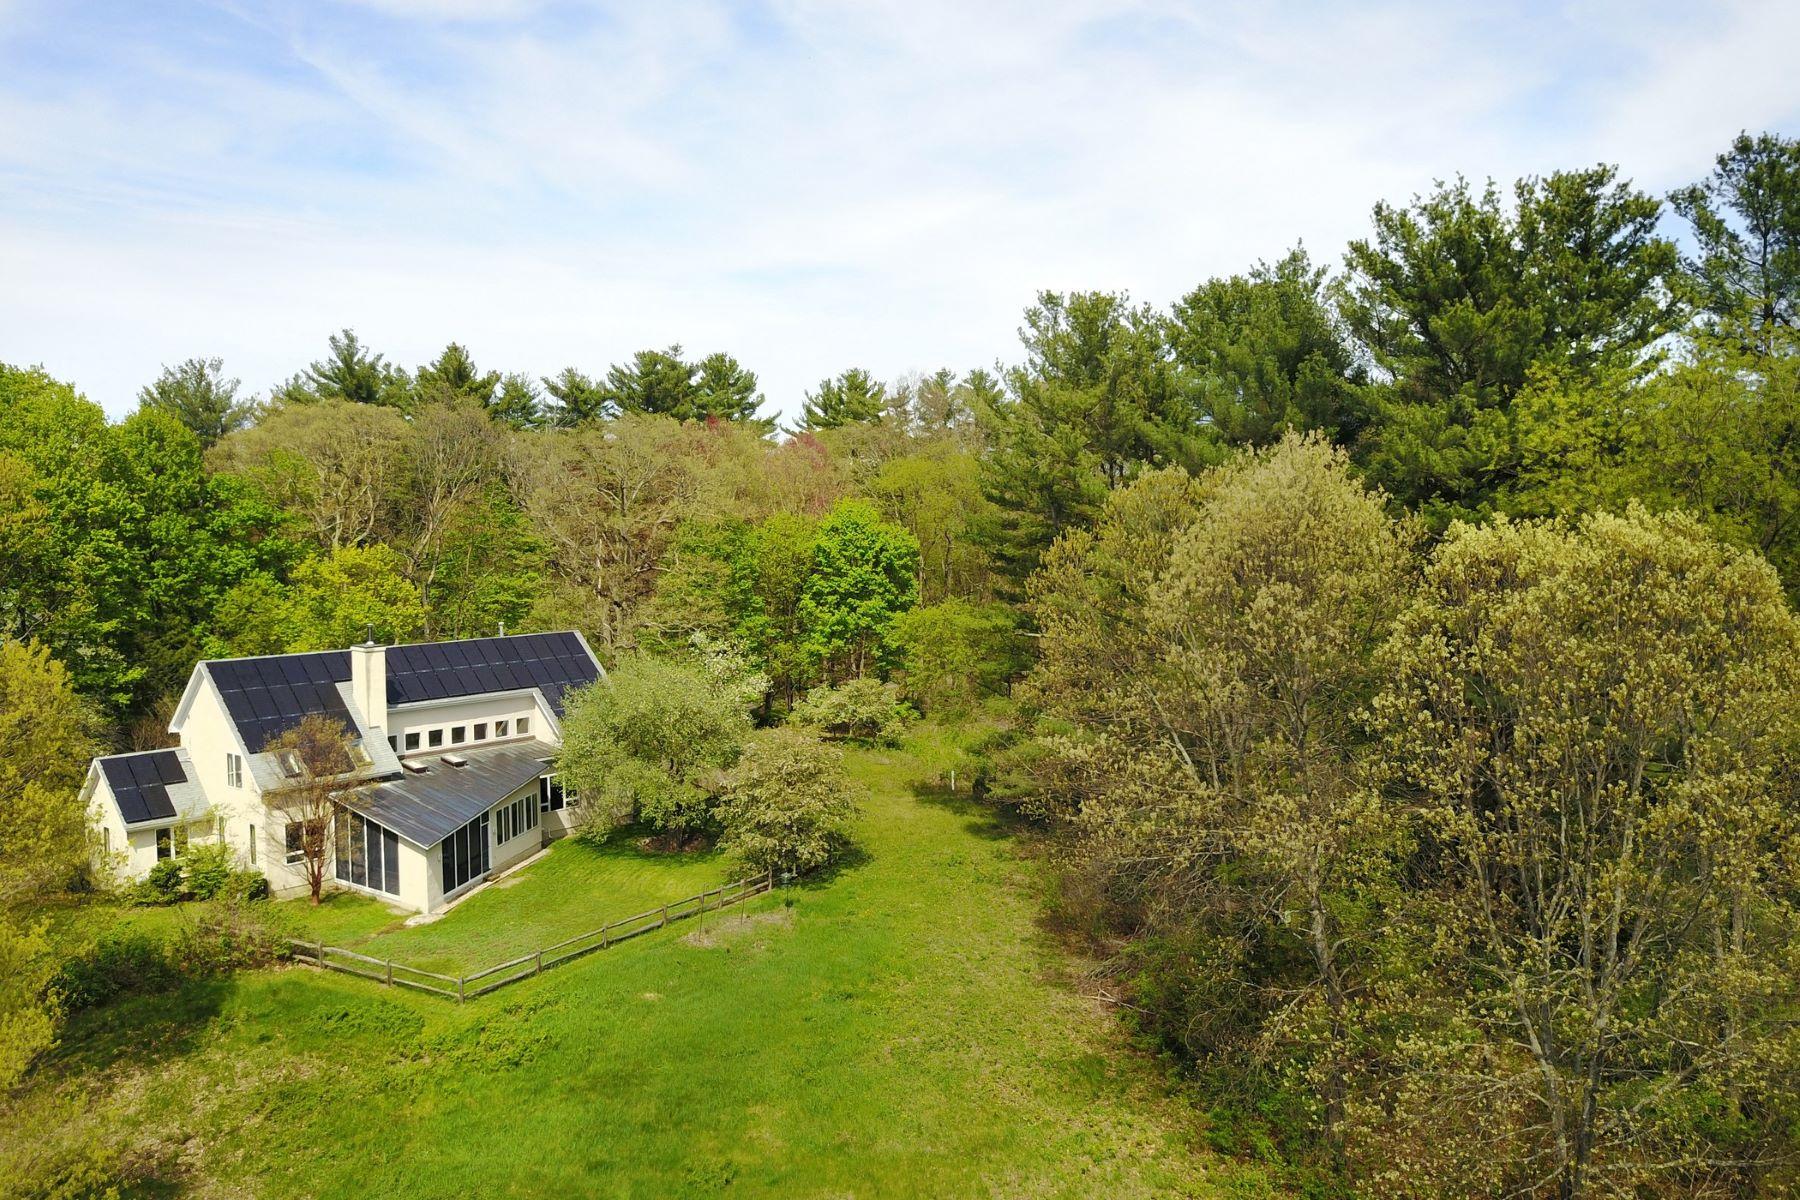 Maison unifamiliale pour l Vente à Refined modern home design 76 Trapelo Road Lincoln, Massachusetts, 01773 États-Unis